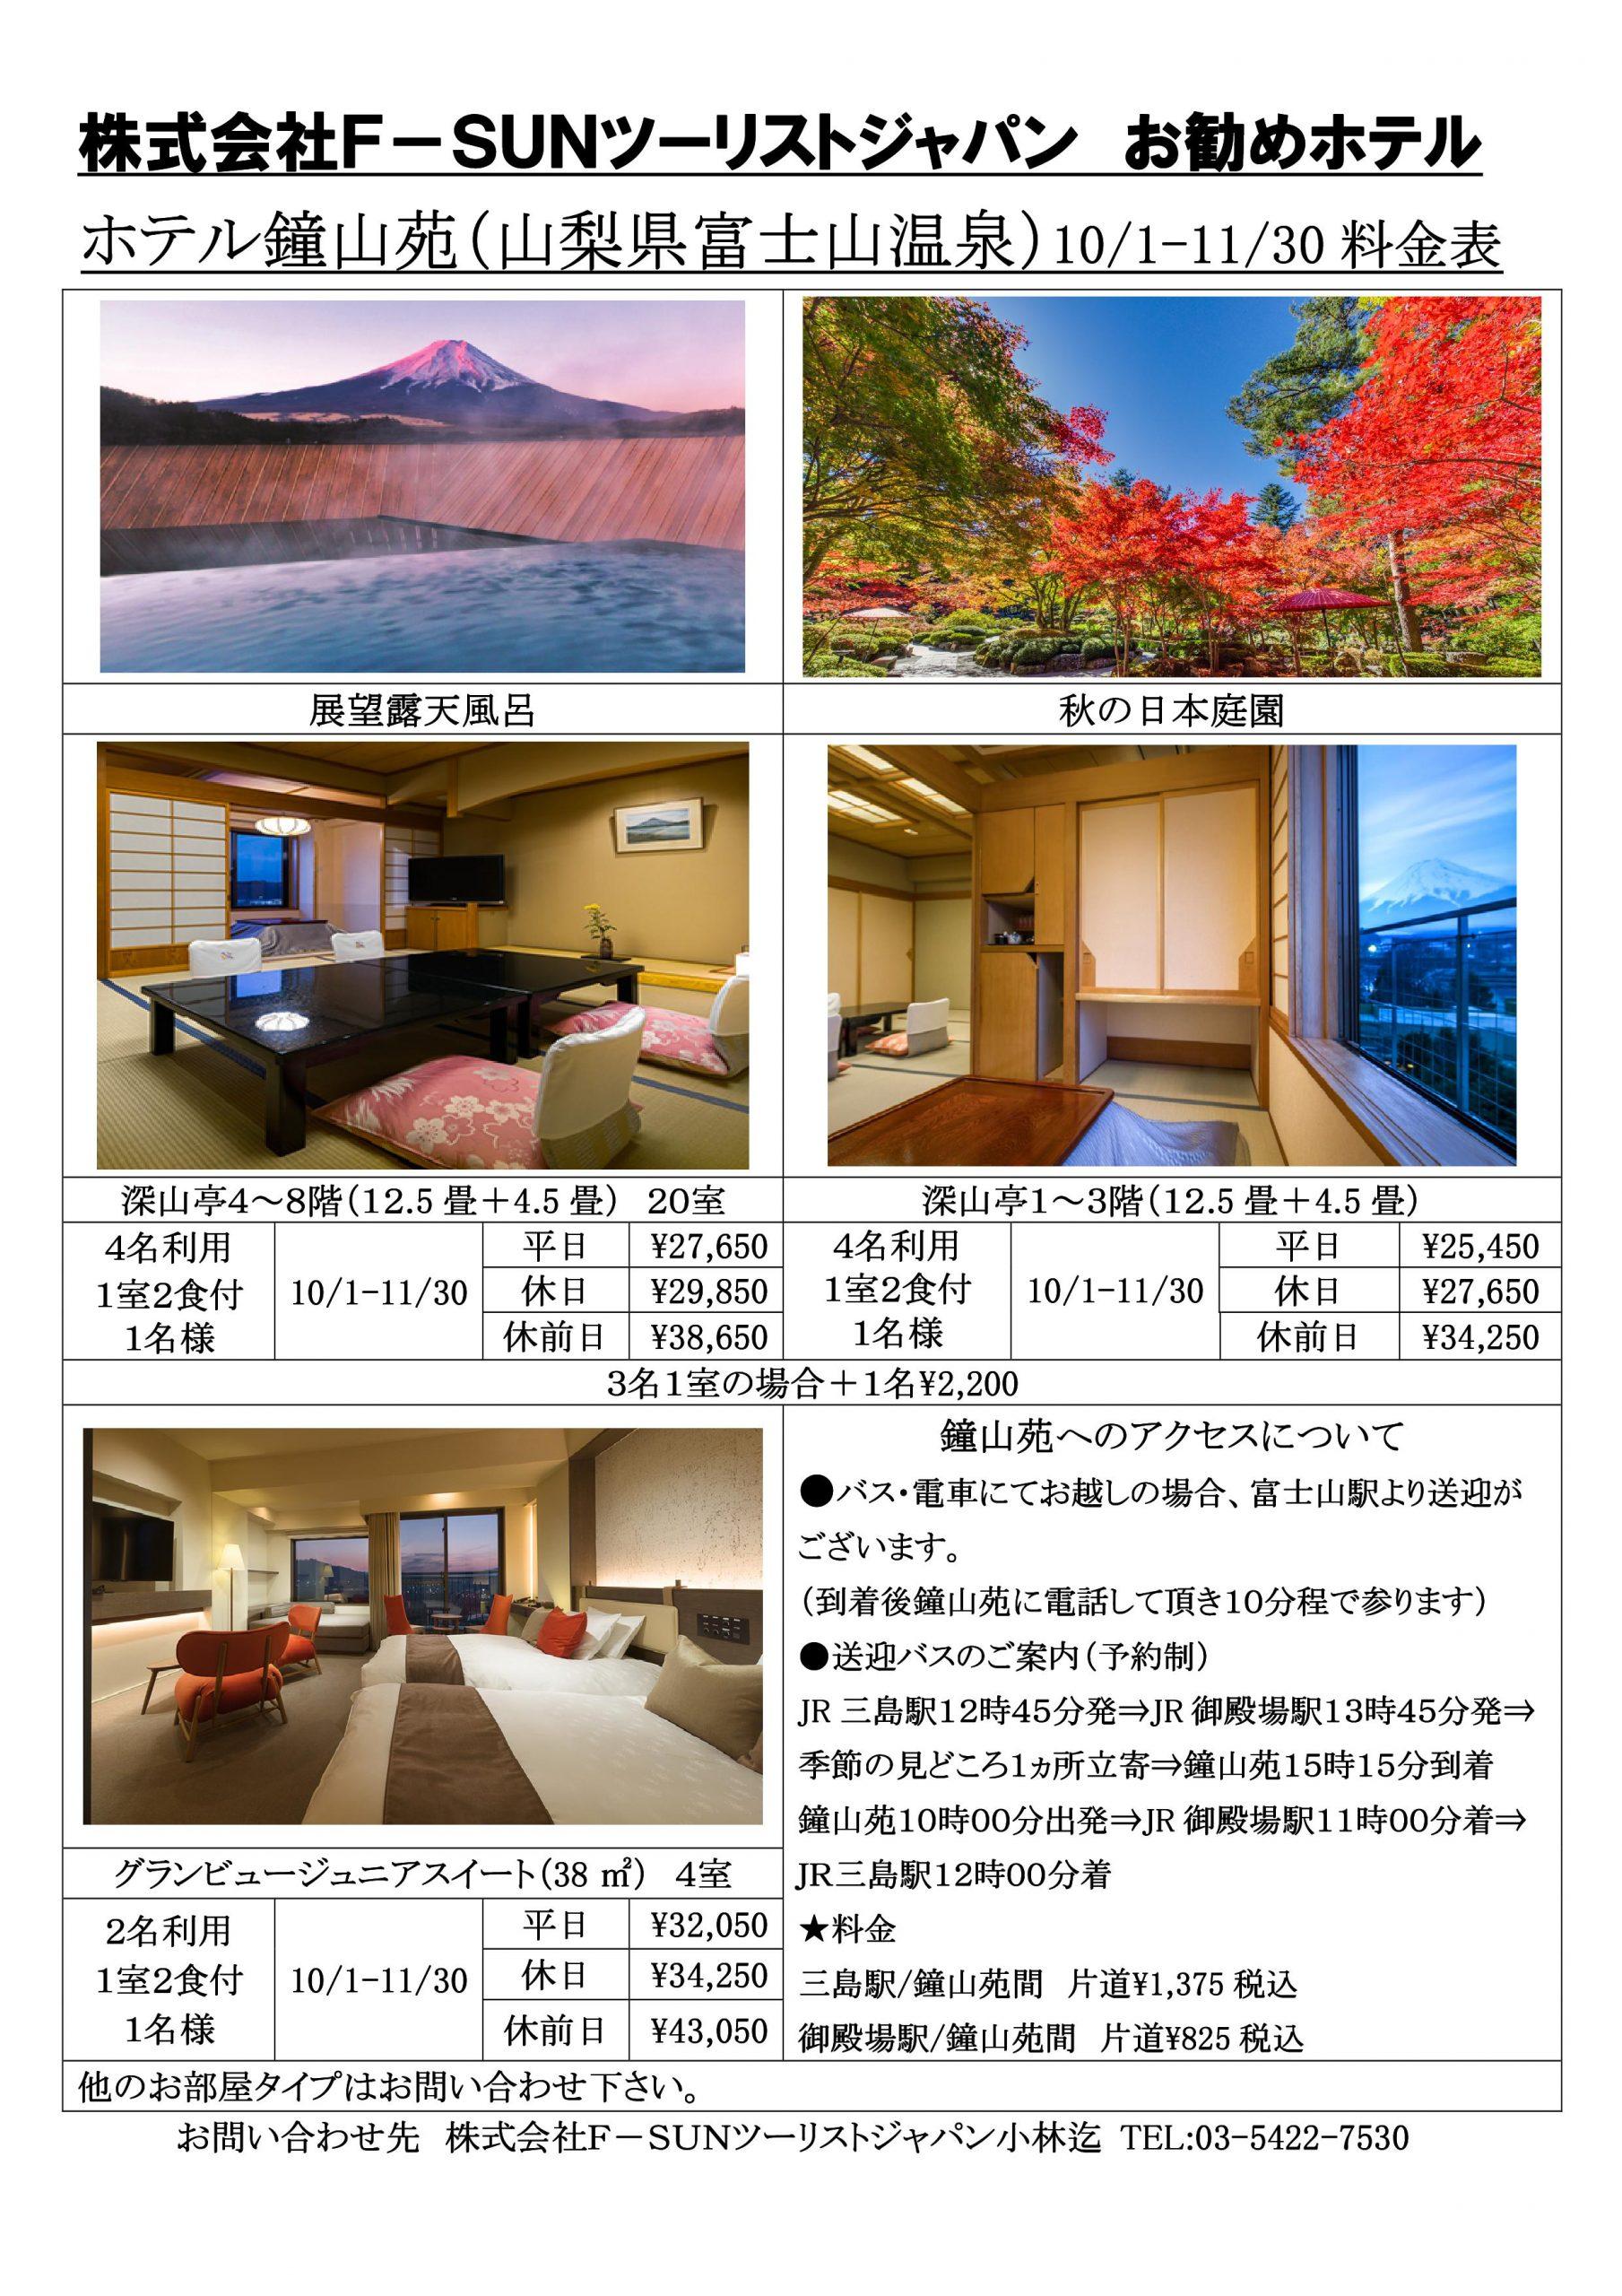 秋のイチオシお勧めの宿・富士山温泉鐘山苑